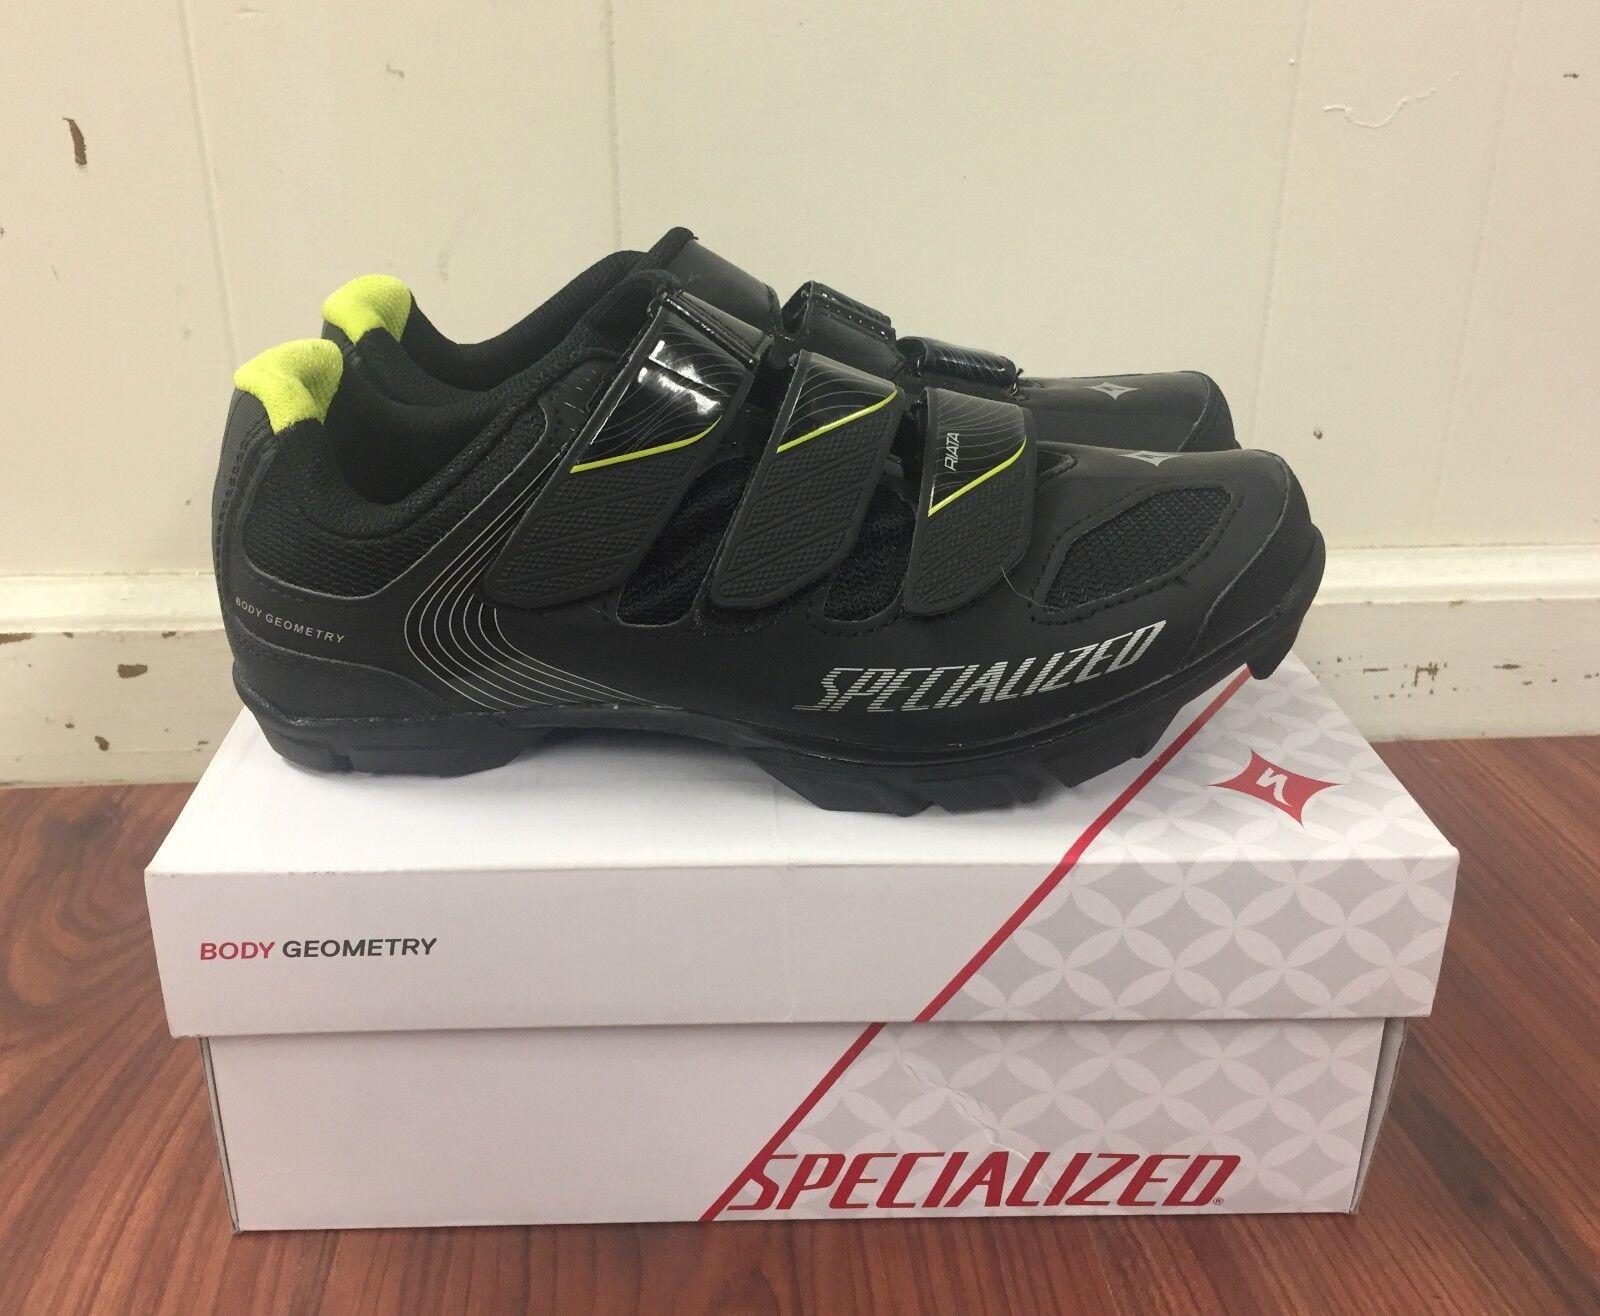 Specialized Wouomo Riata Cycling scarpe Dimensione 36 EU 5.75 US New in Box